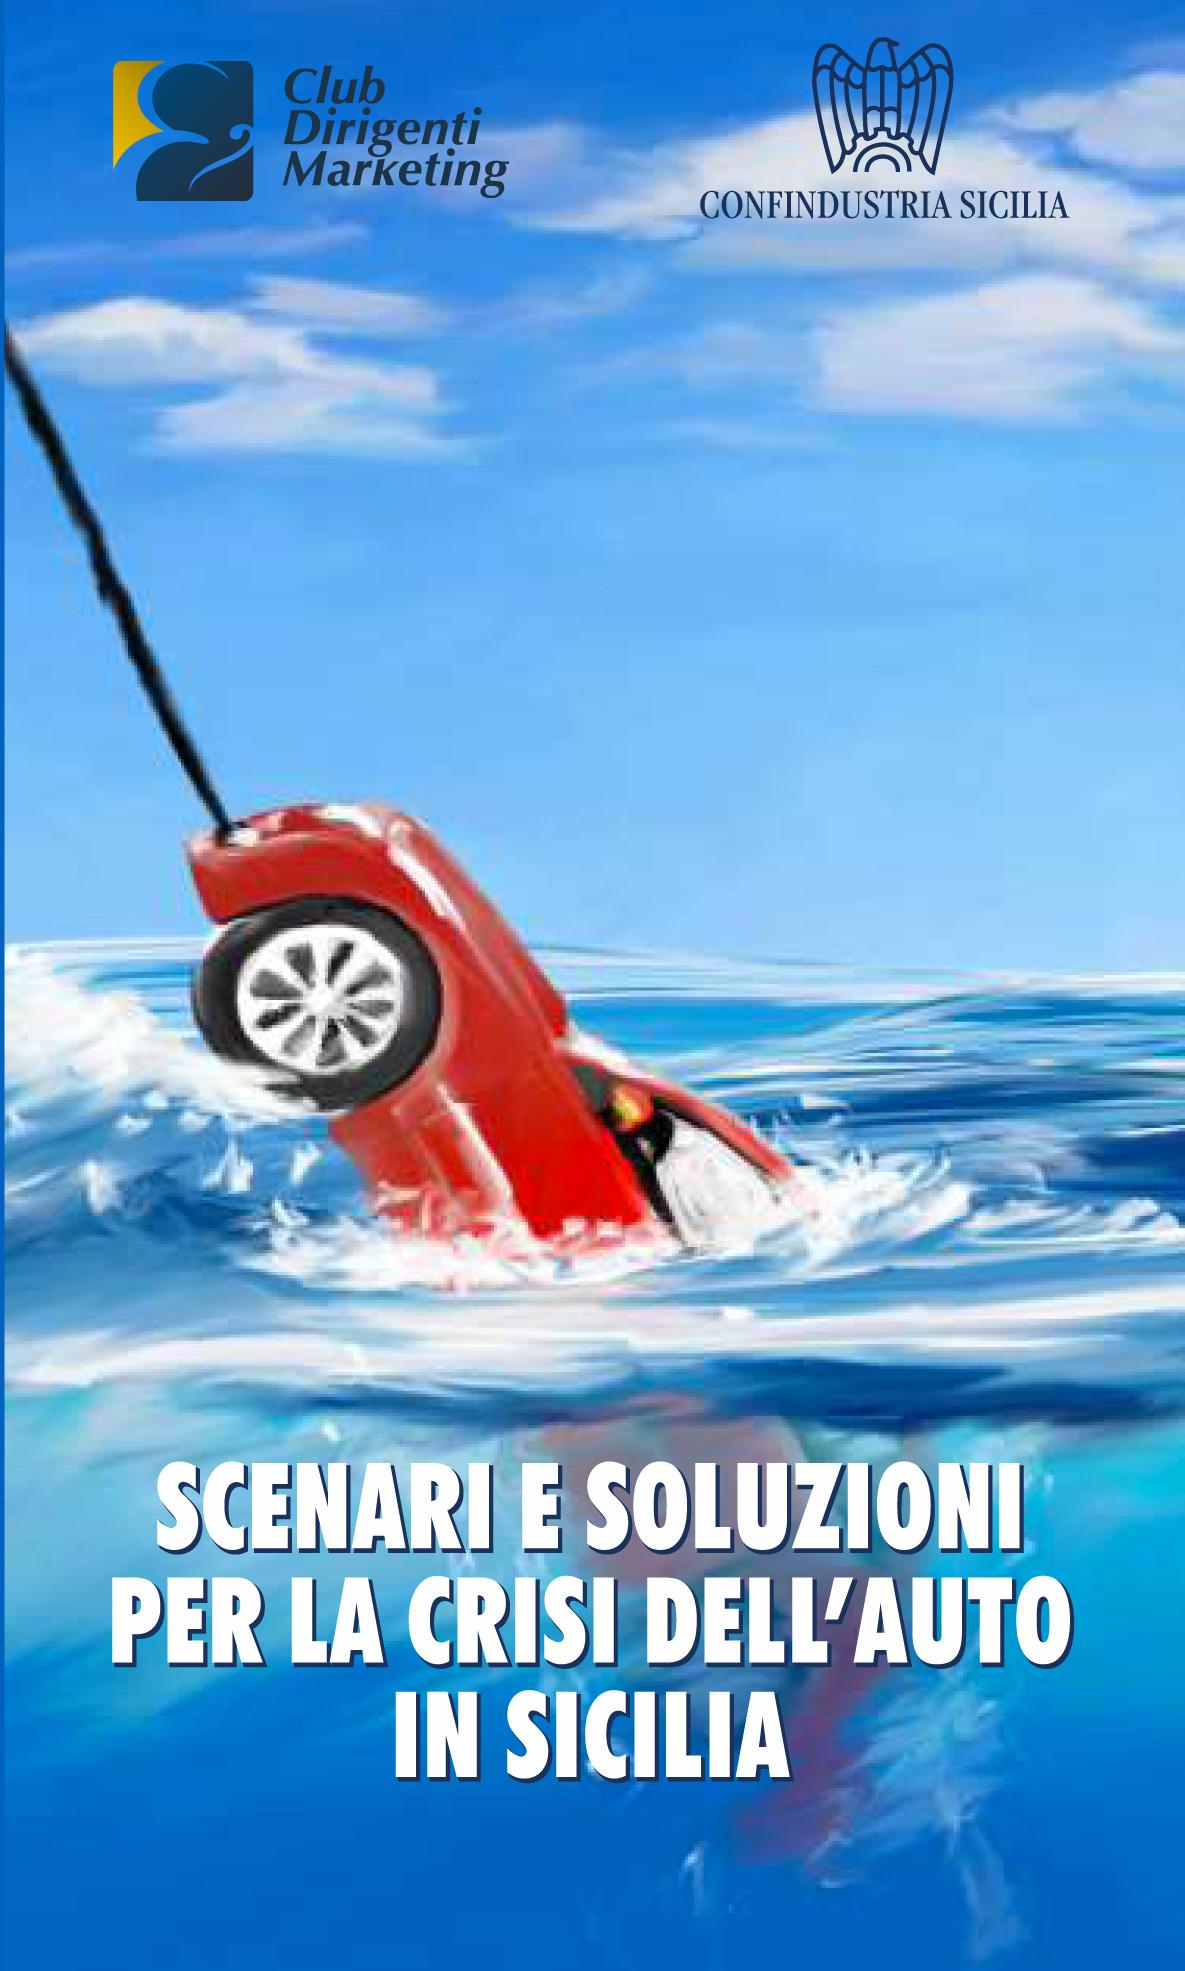 soluzioni per la crisi dell'auto in sicilia